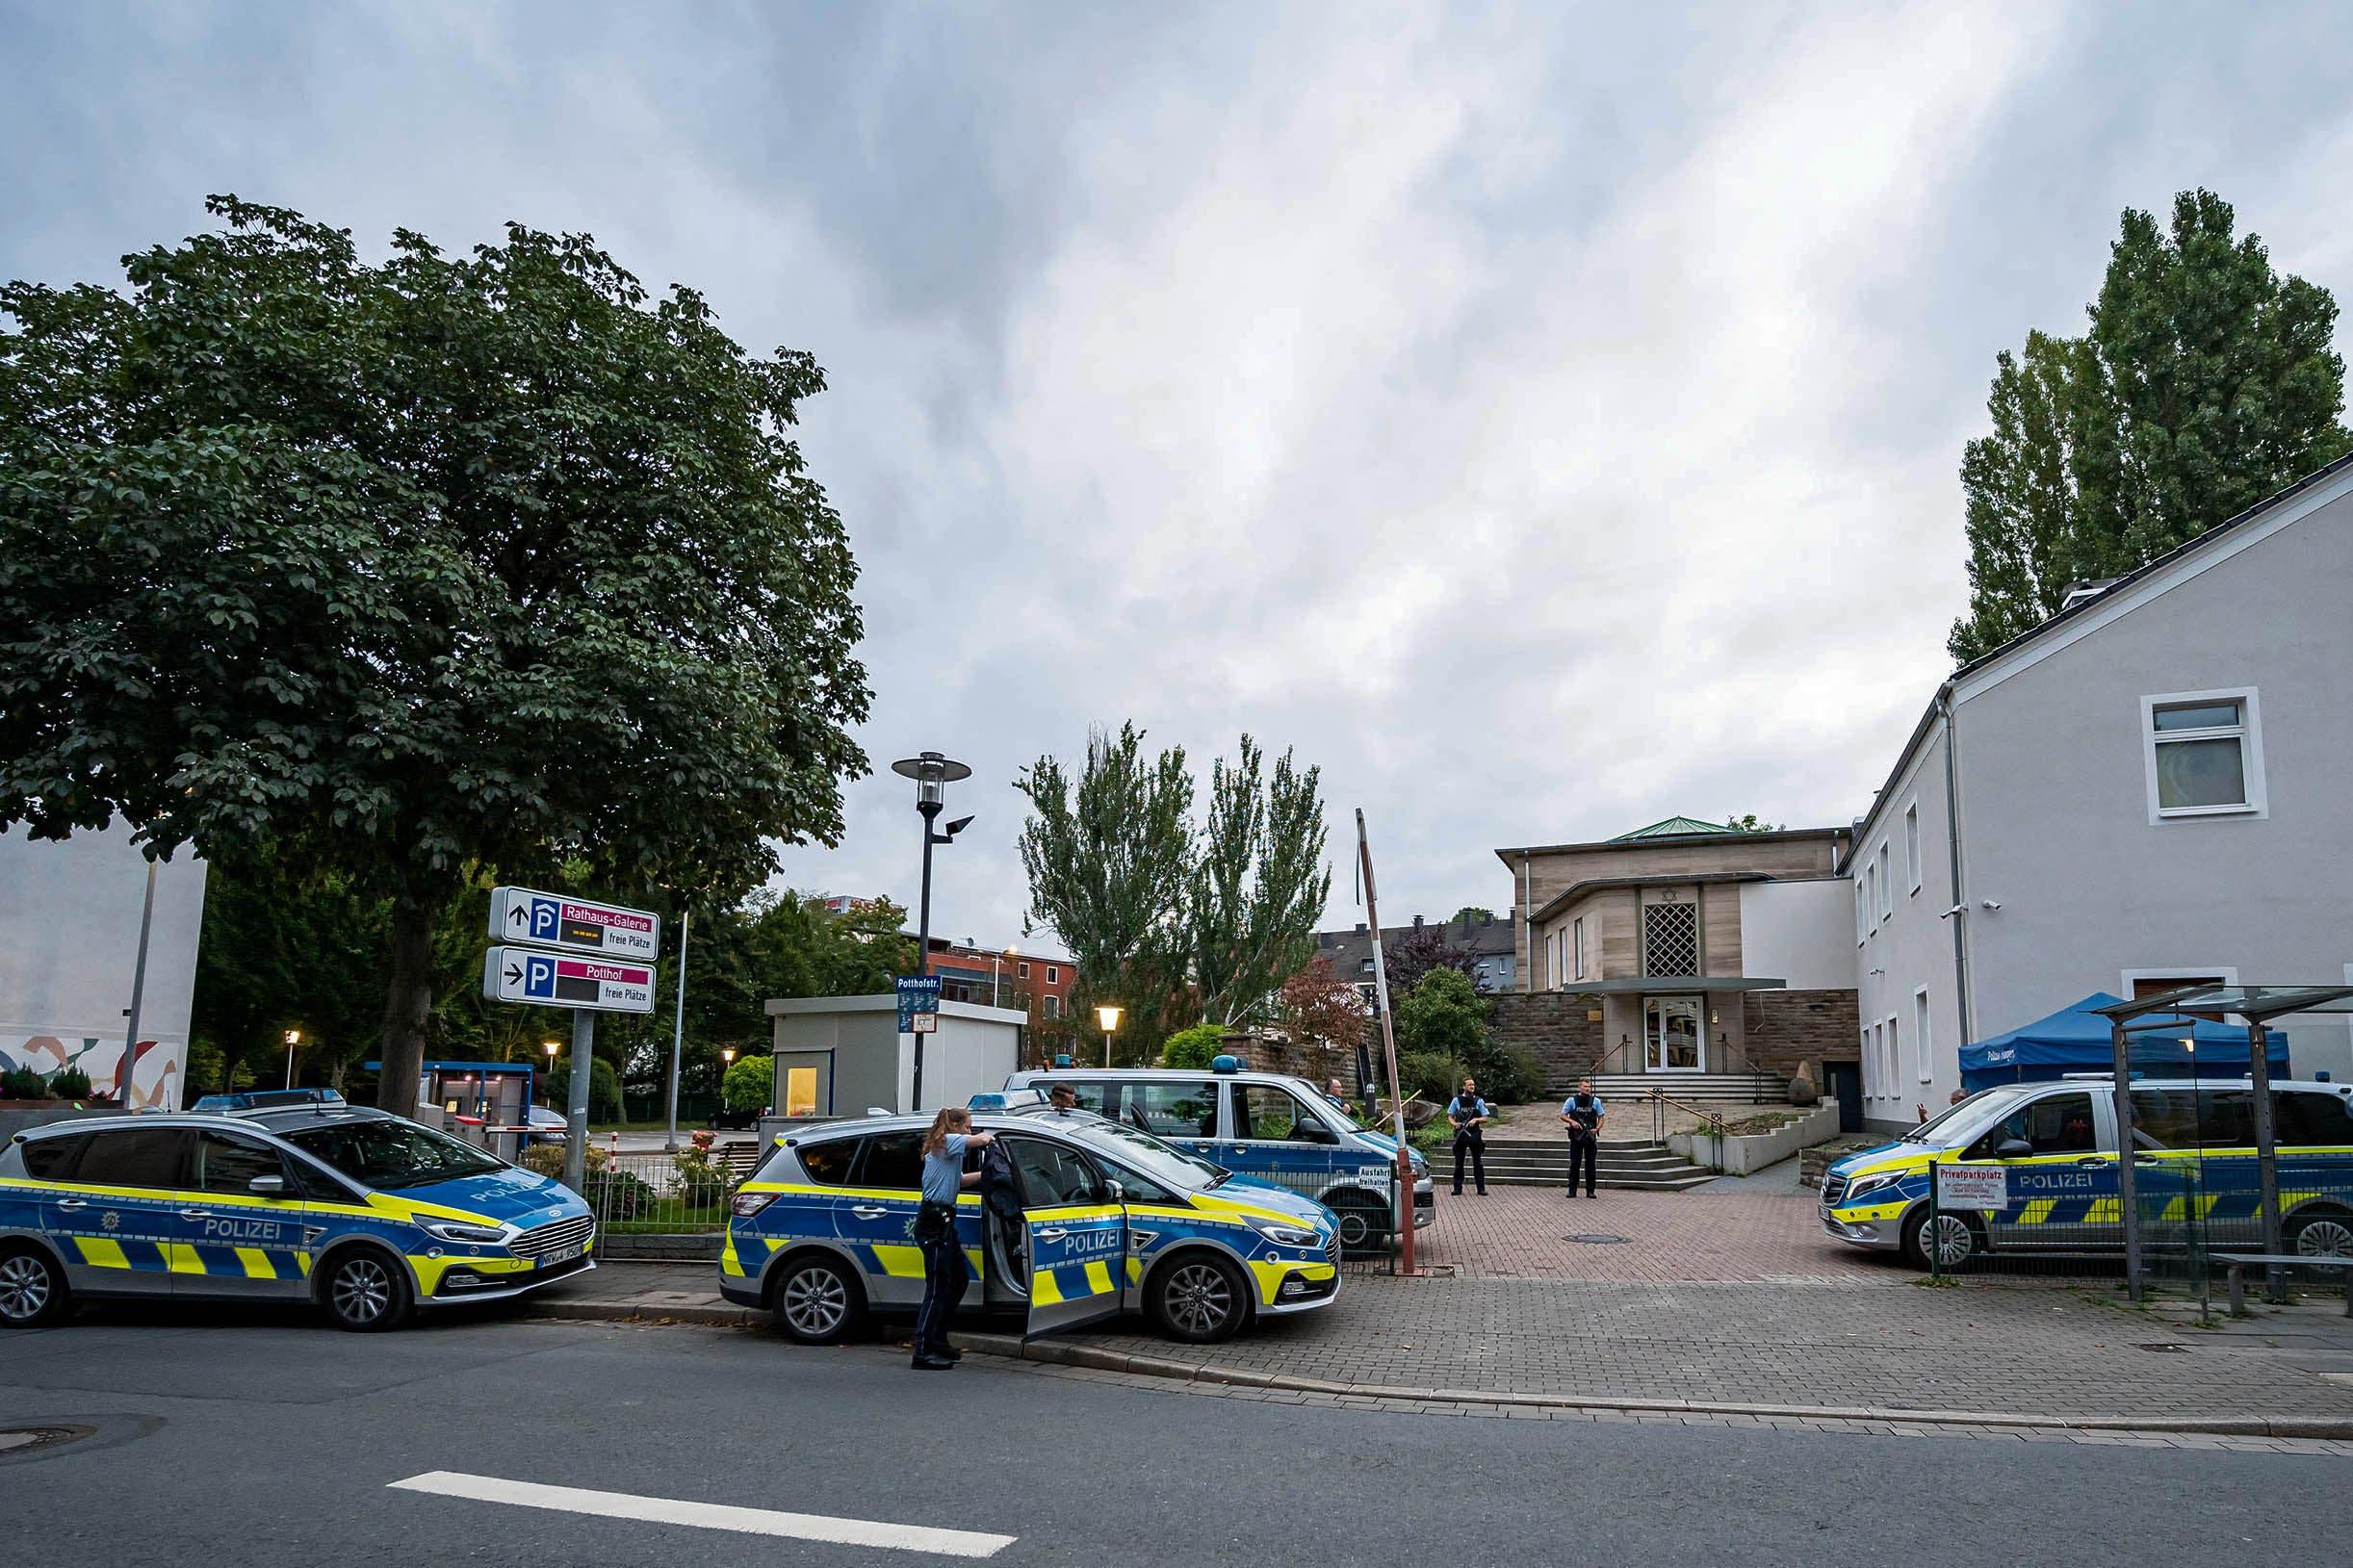 الشرطة الألمانية تؤمن المنطقة أمام الكنيس اليهودي في هاغن يوم 16 سبتمبر (فرانس برس)